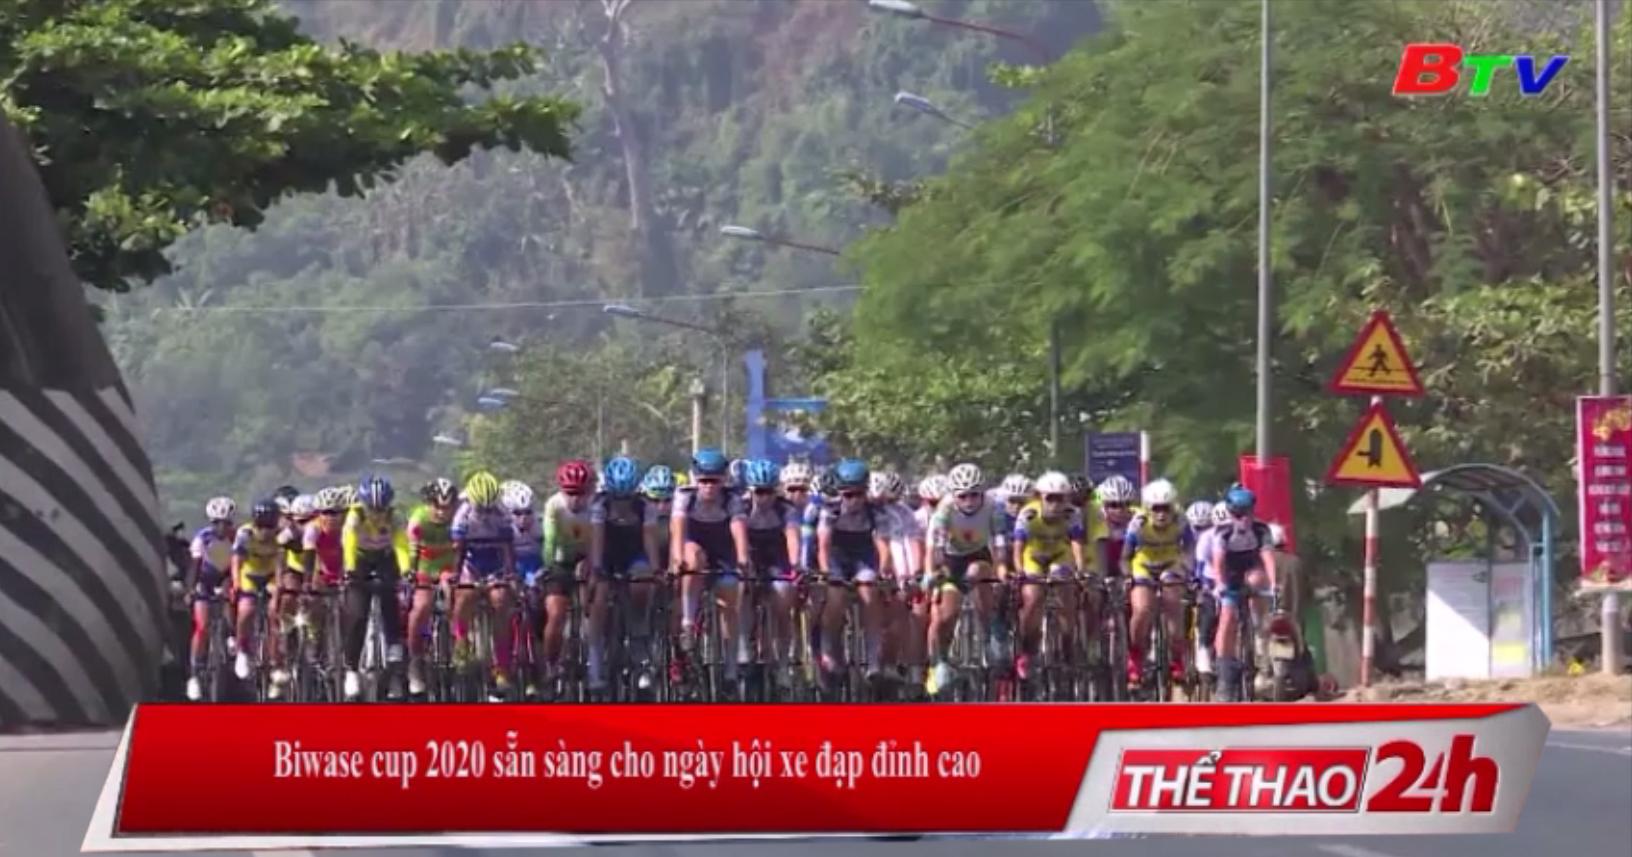 Biwase Cup 2020 - Sẵn sàng cho ngày hội xe đạp đỉnh cao